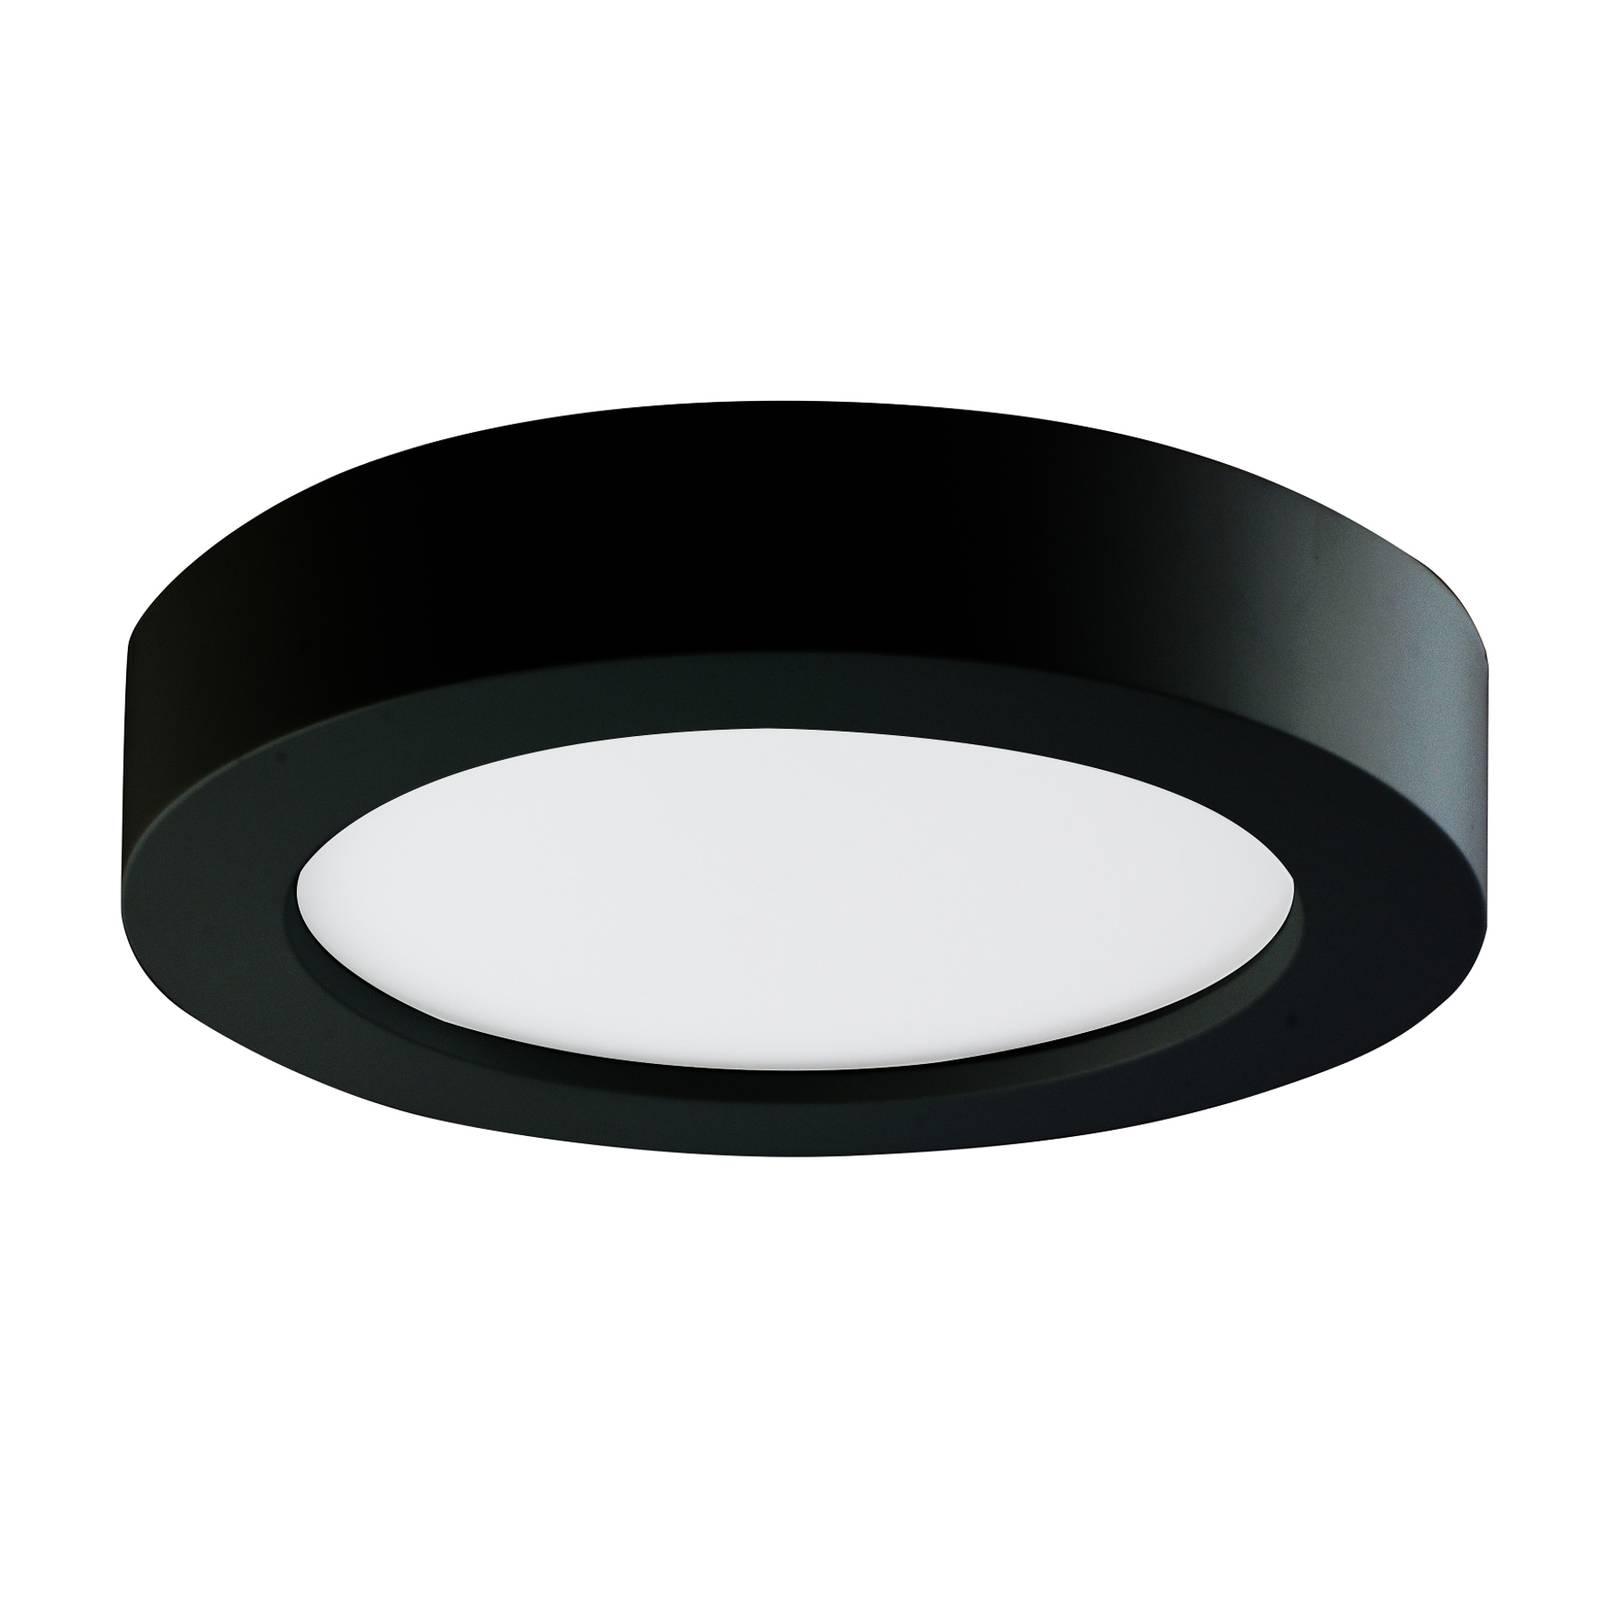 Prios Finto -LED-kattovalaisin, IP44, CCT, 22,6 cm